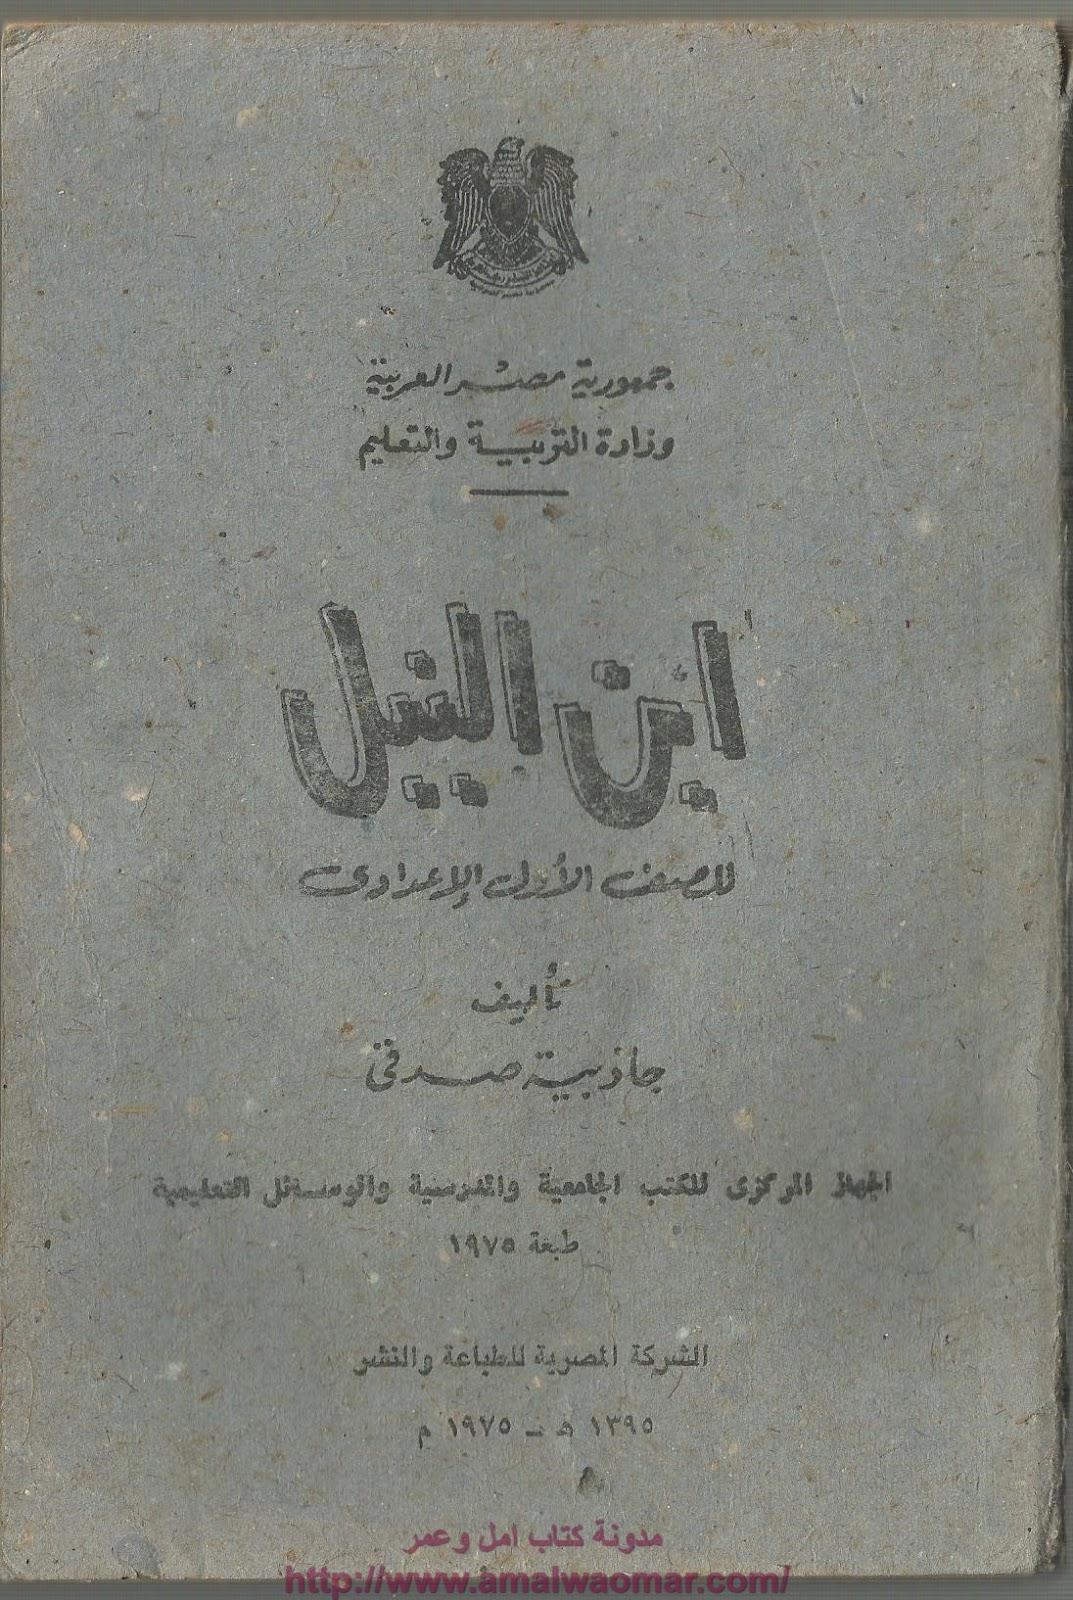 قصة ابن النيل للكاتبة جاذبية صدقى